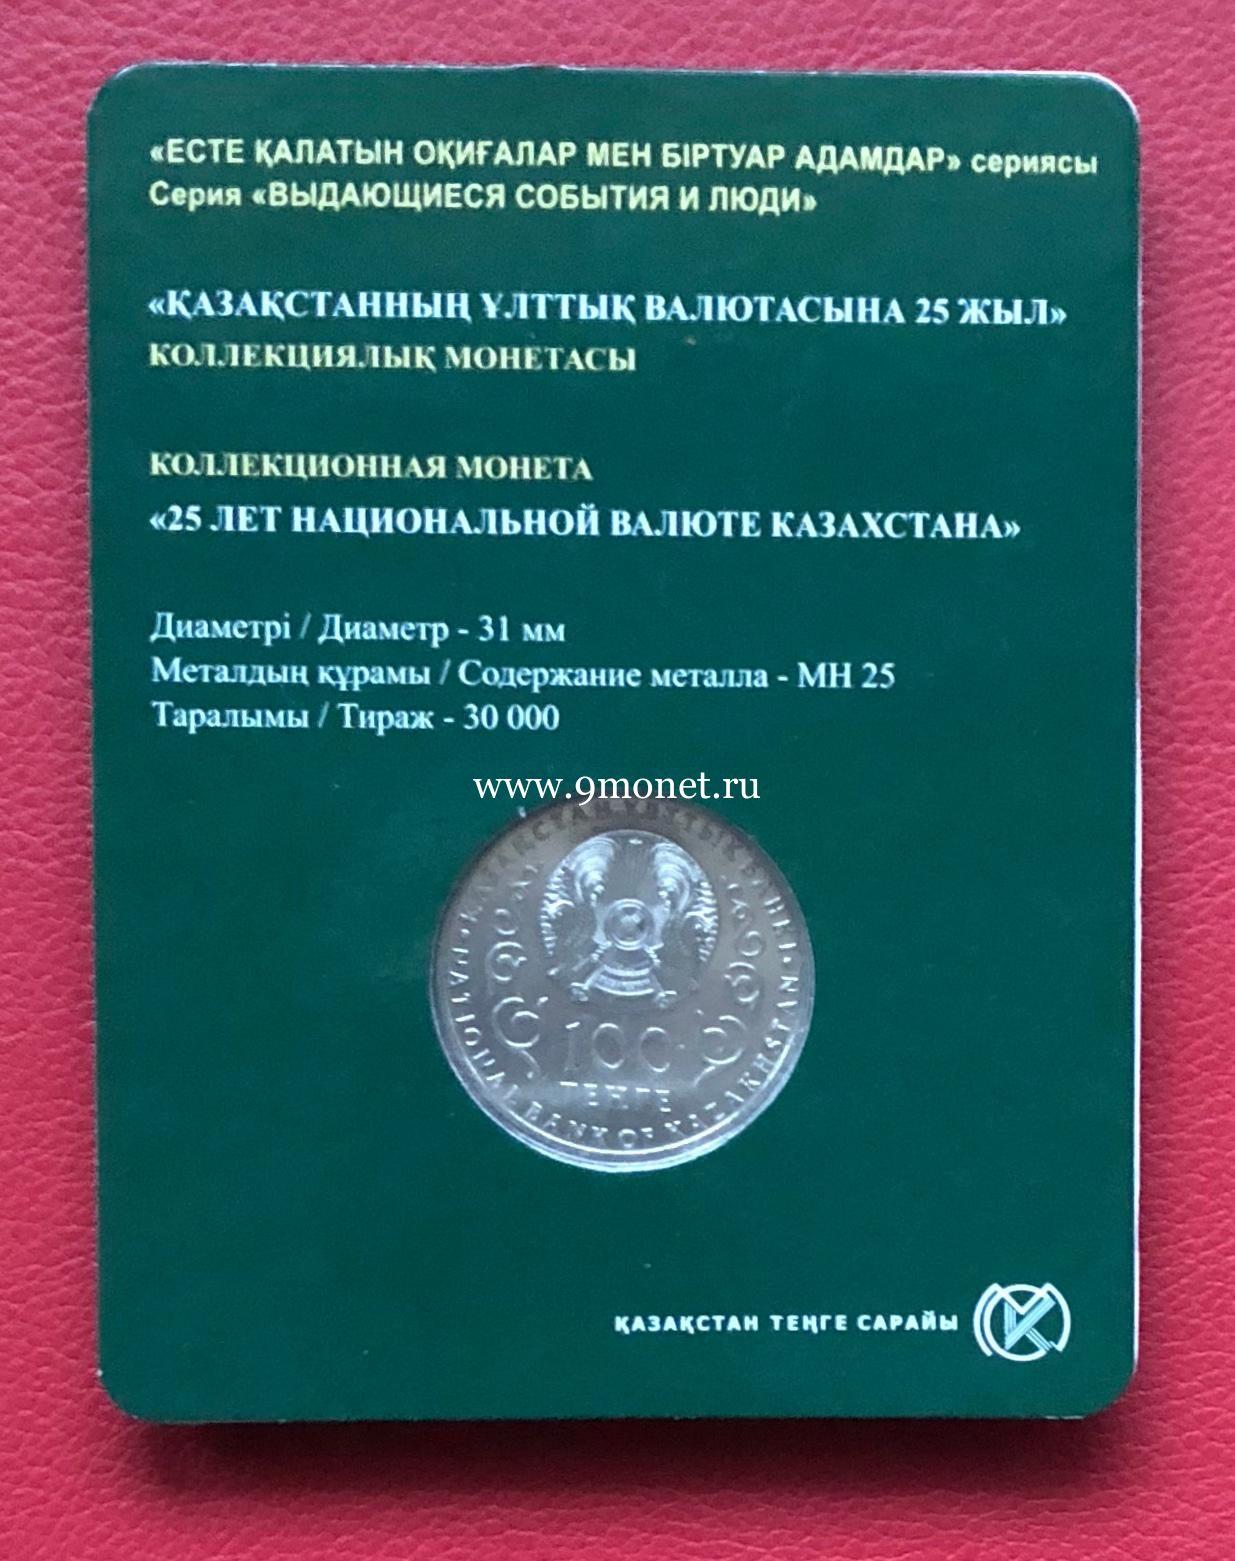 Казахстан 100 тенге 2018 года 25 лет национальной валюте Казахстана.